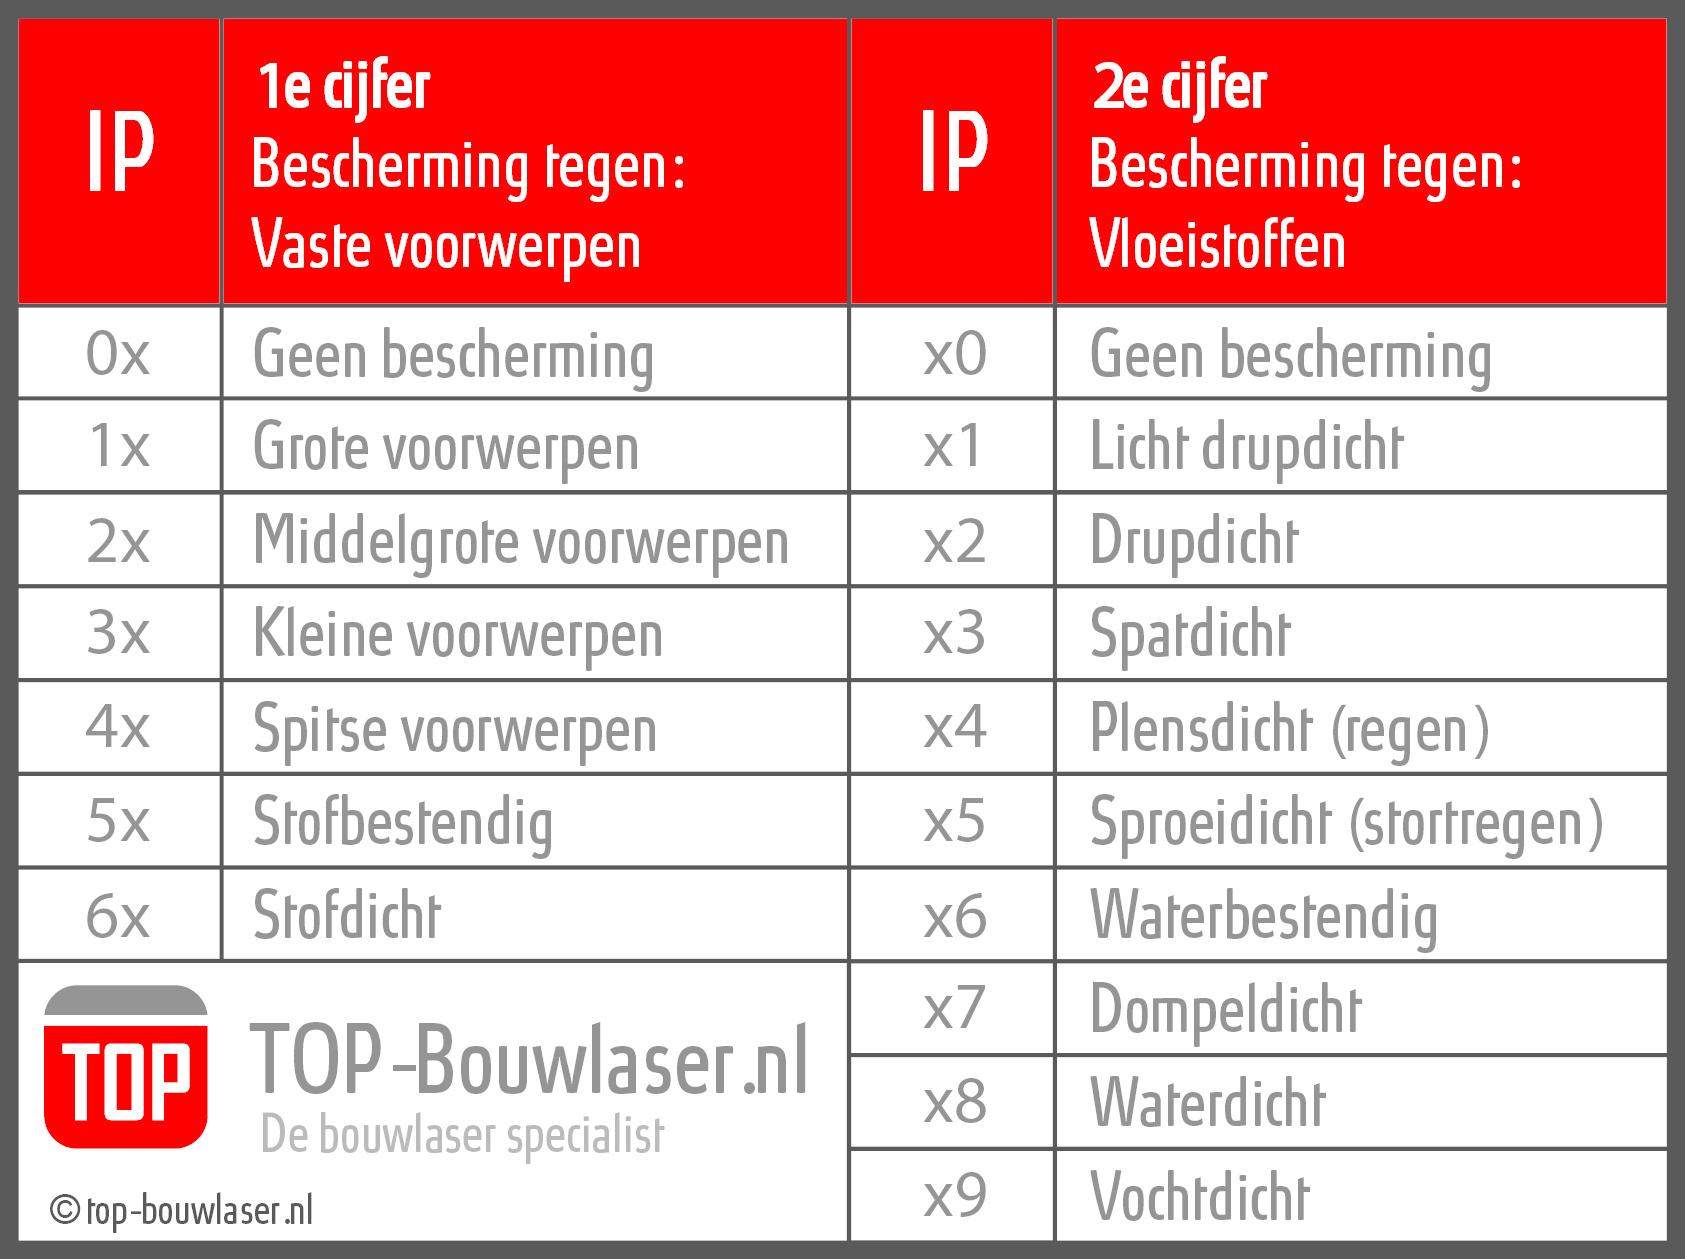 Tabel met IP waardes betekenis